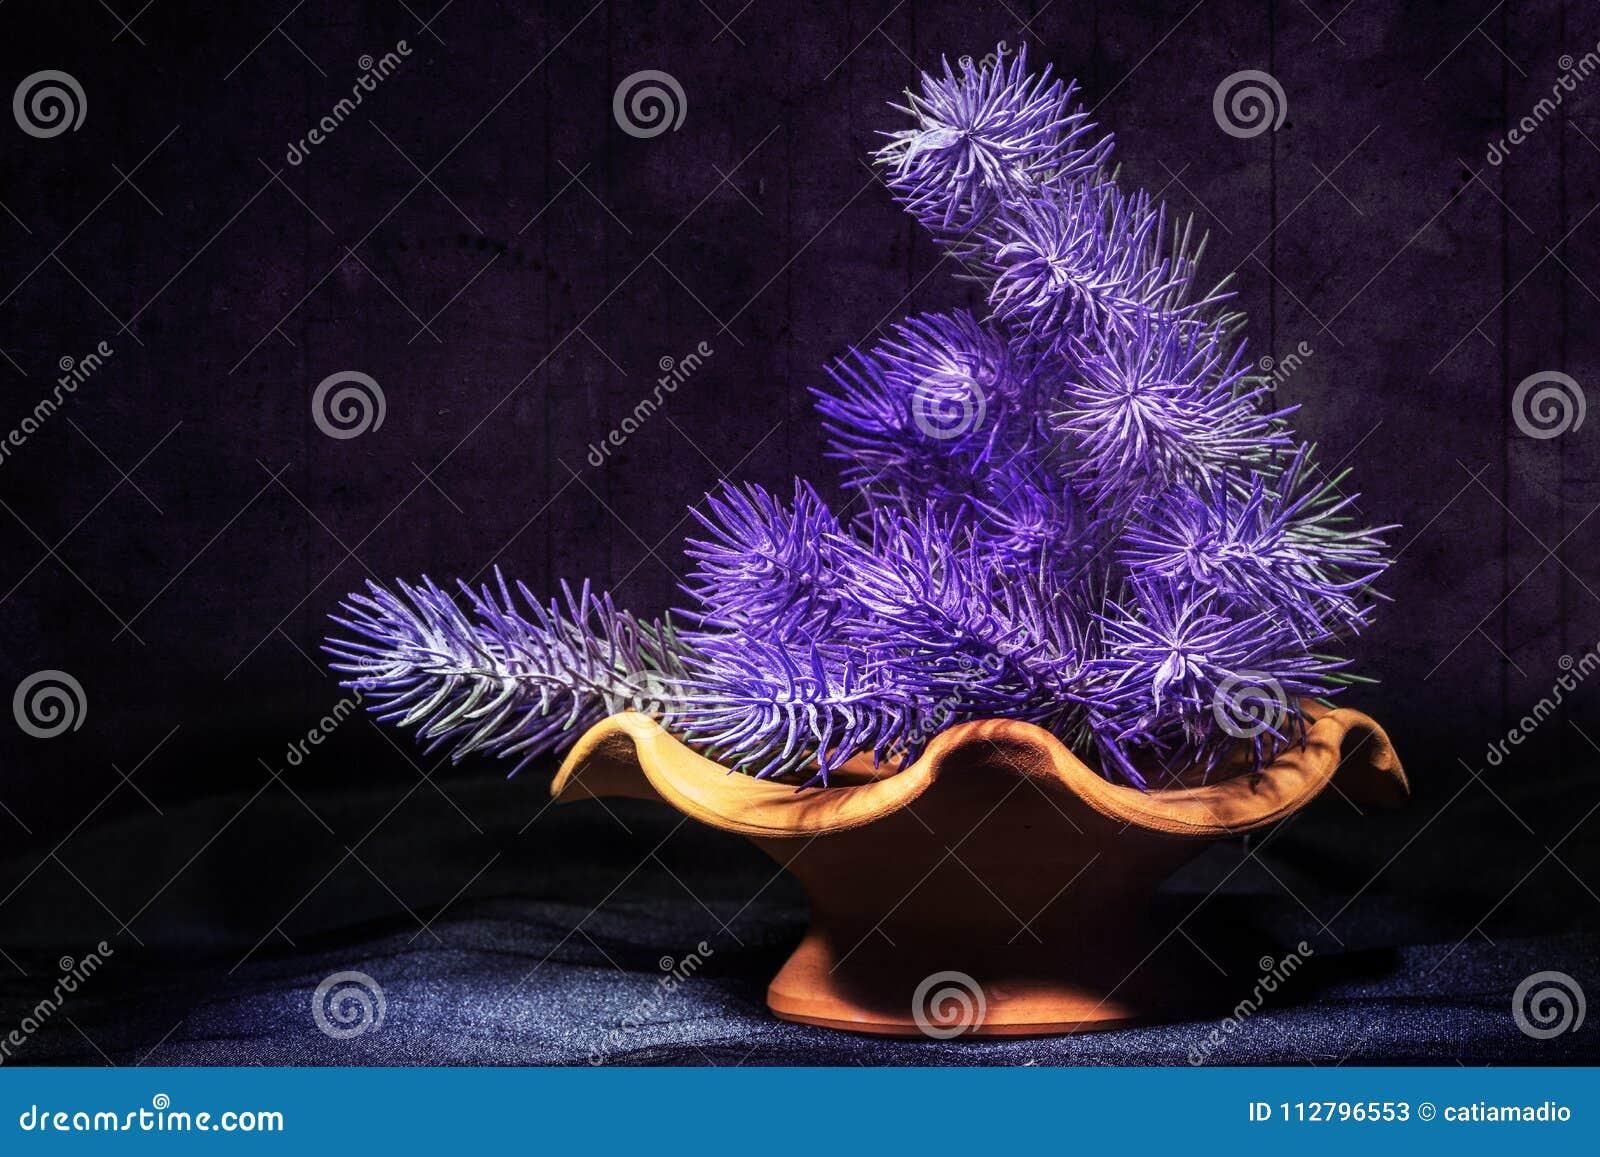 La violeta florece la composición del grunge